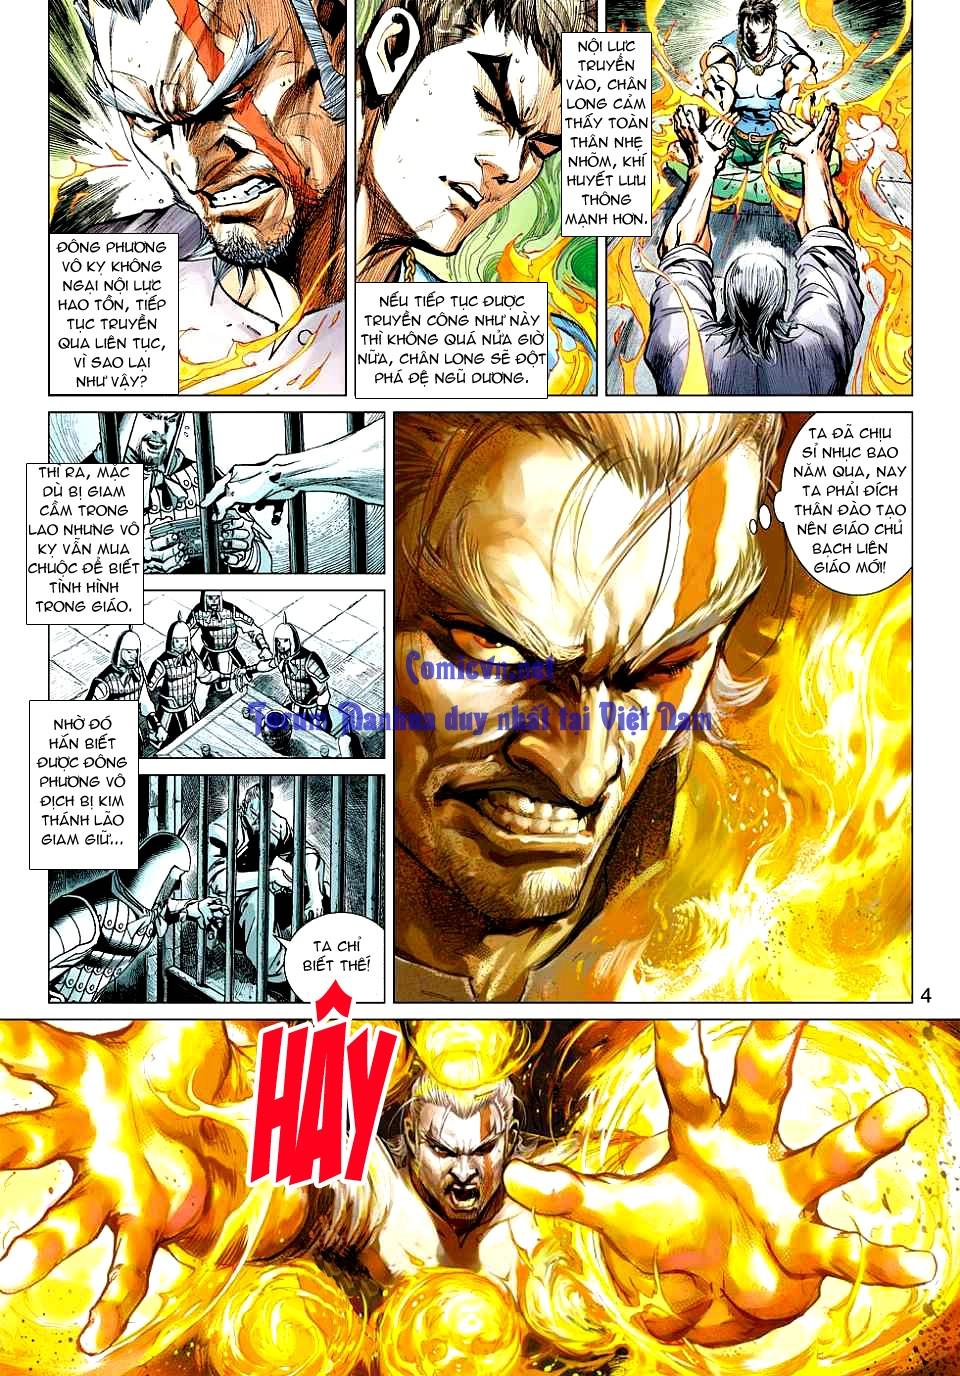 Vương Phong Lôi 1 chap 12 - Trang 4